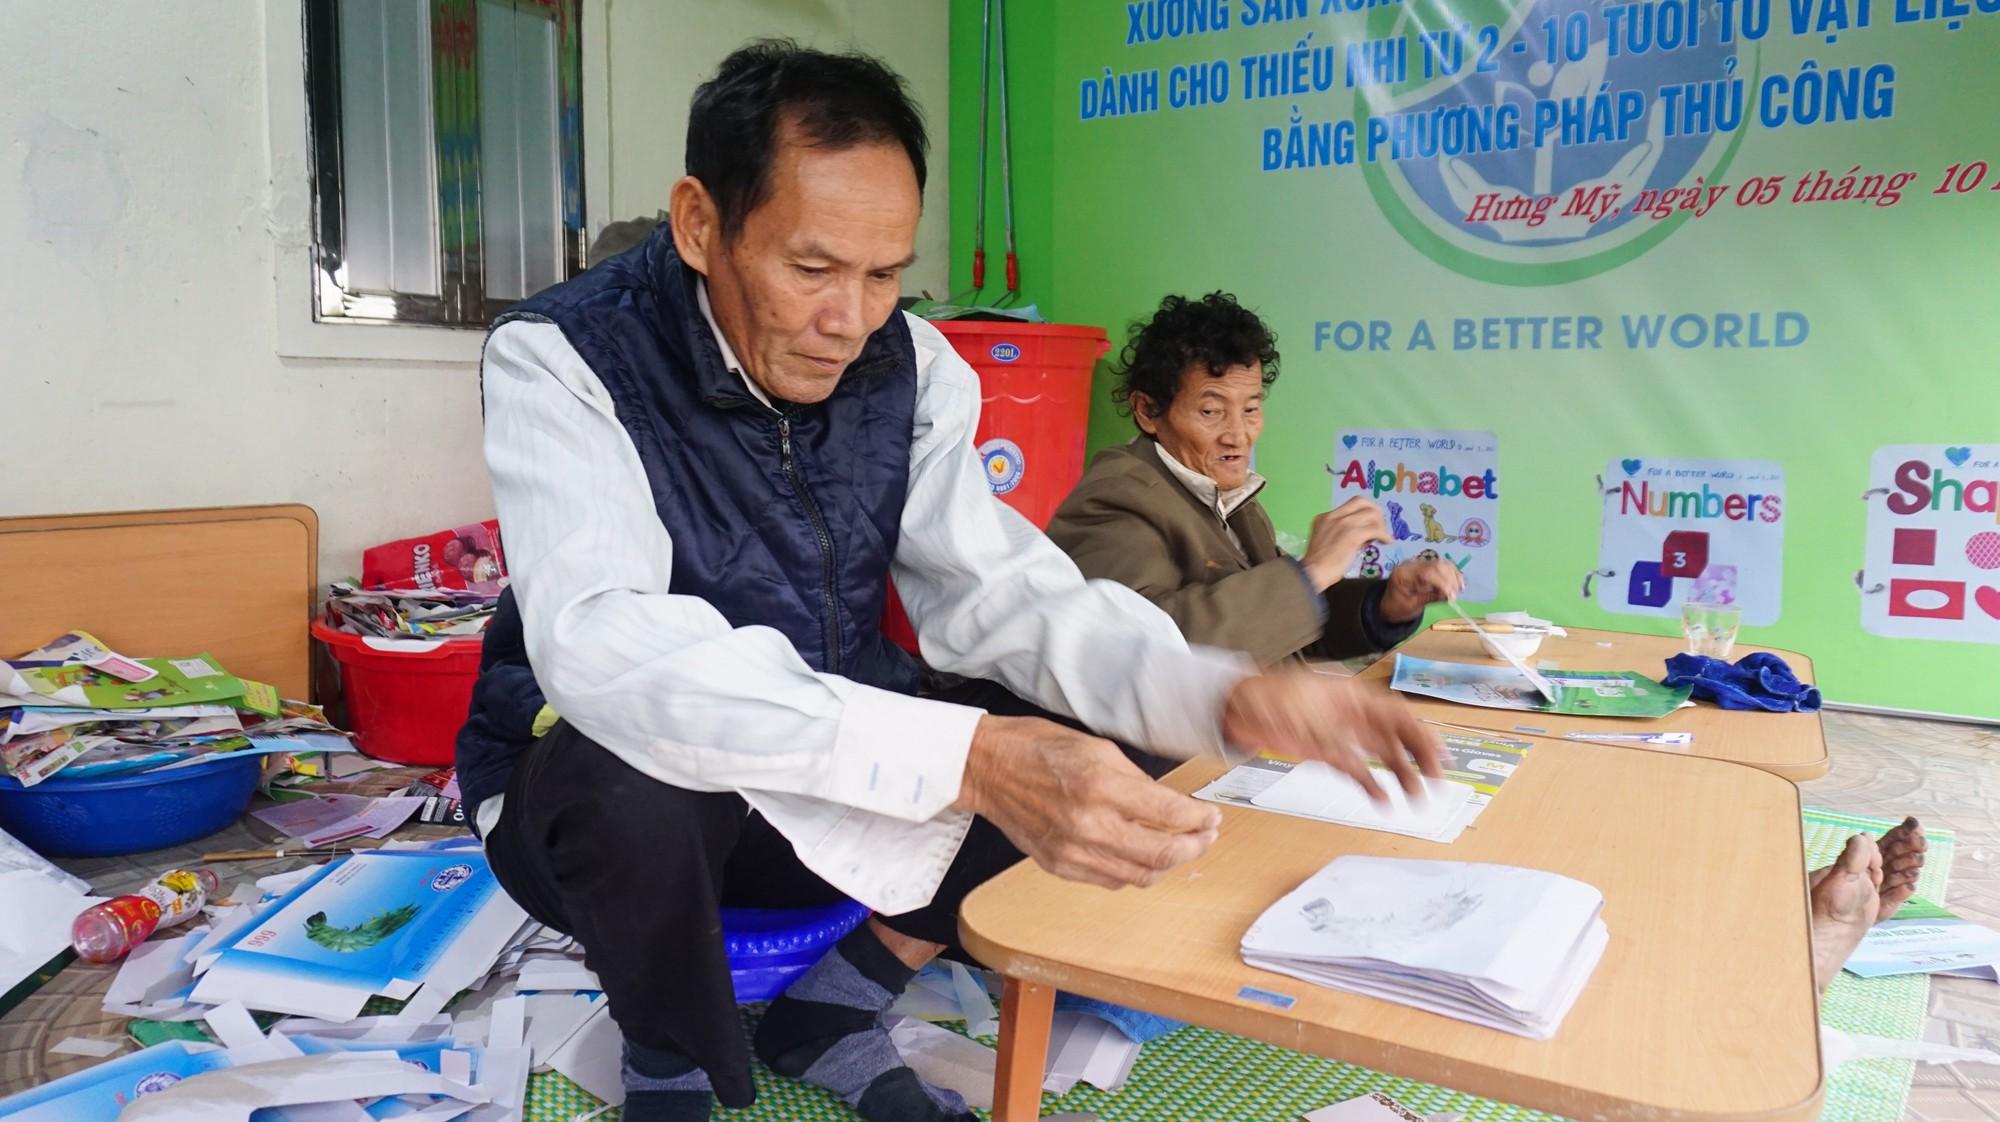 Cô gái Nghệ An từ bỏ mức lương 15 triệu để về quê tạo công việc cho người khuyết tật - Ảnh 5.